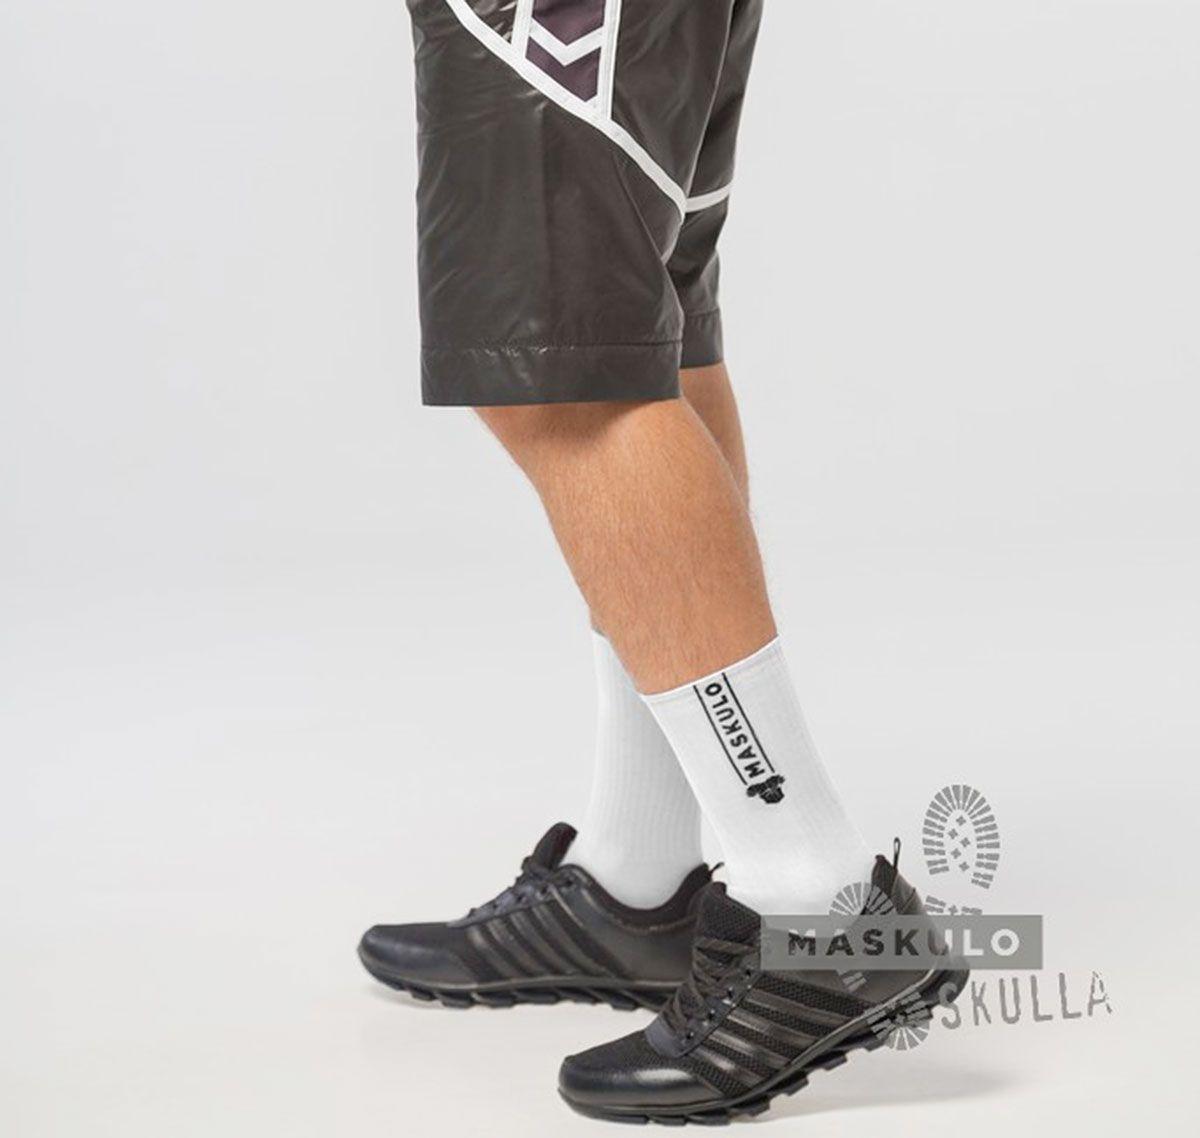 MASKULO Fetish Socks SKULLA. AC077, white